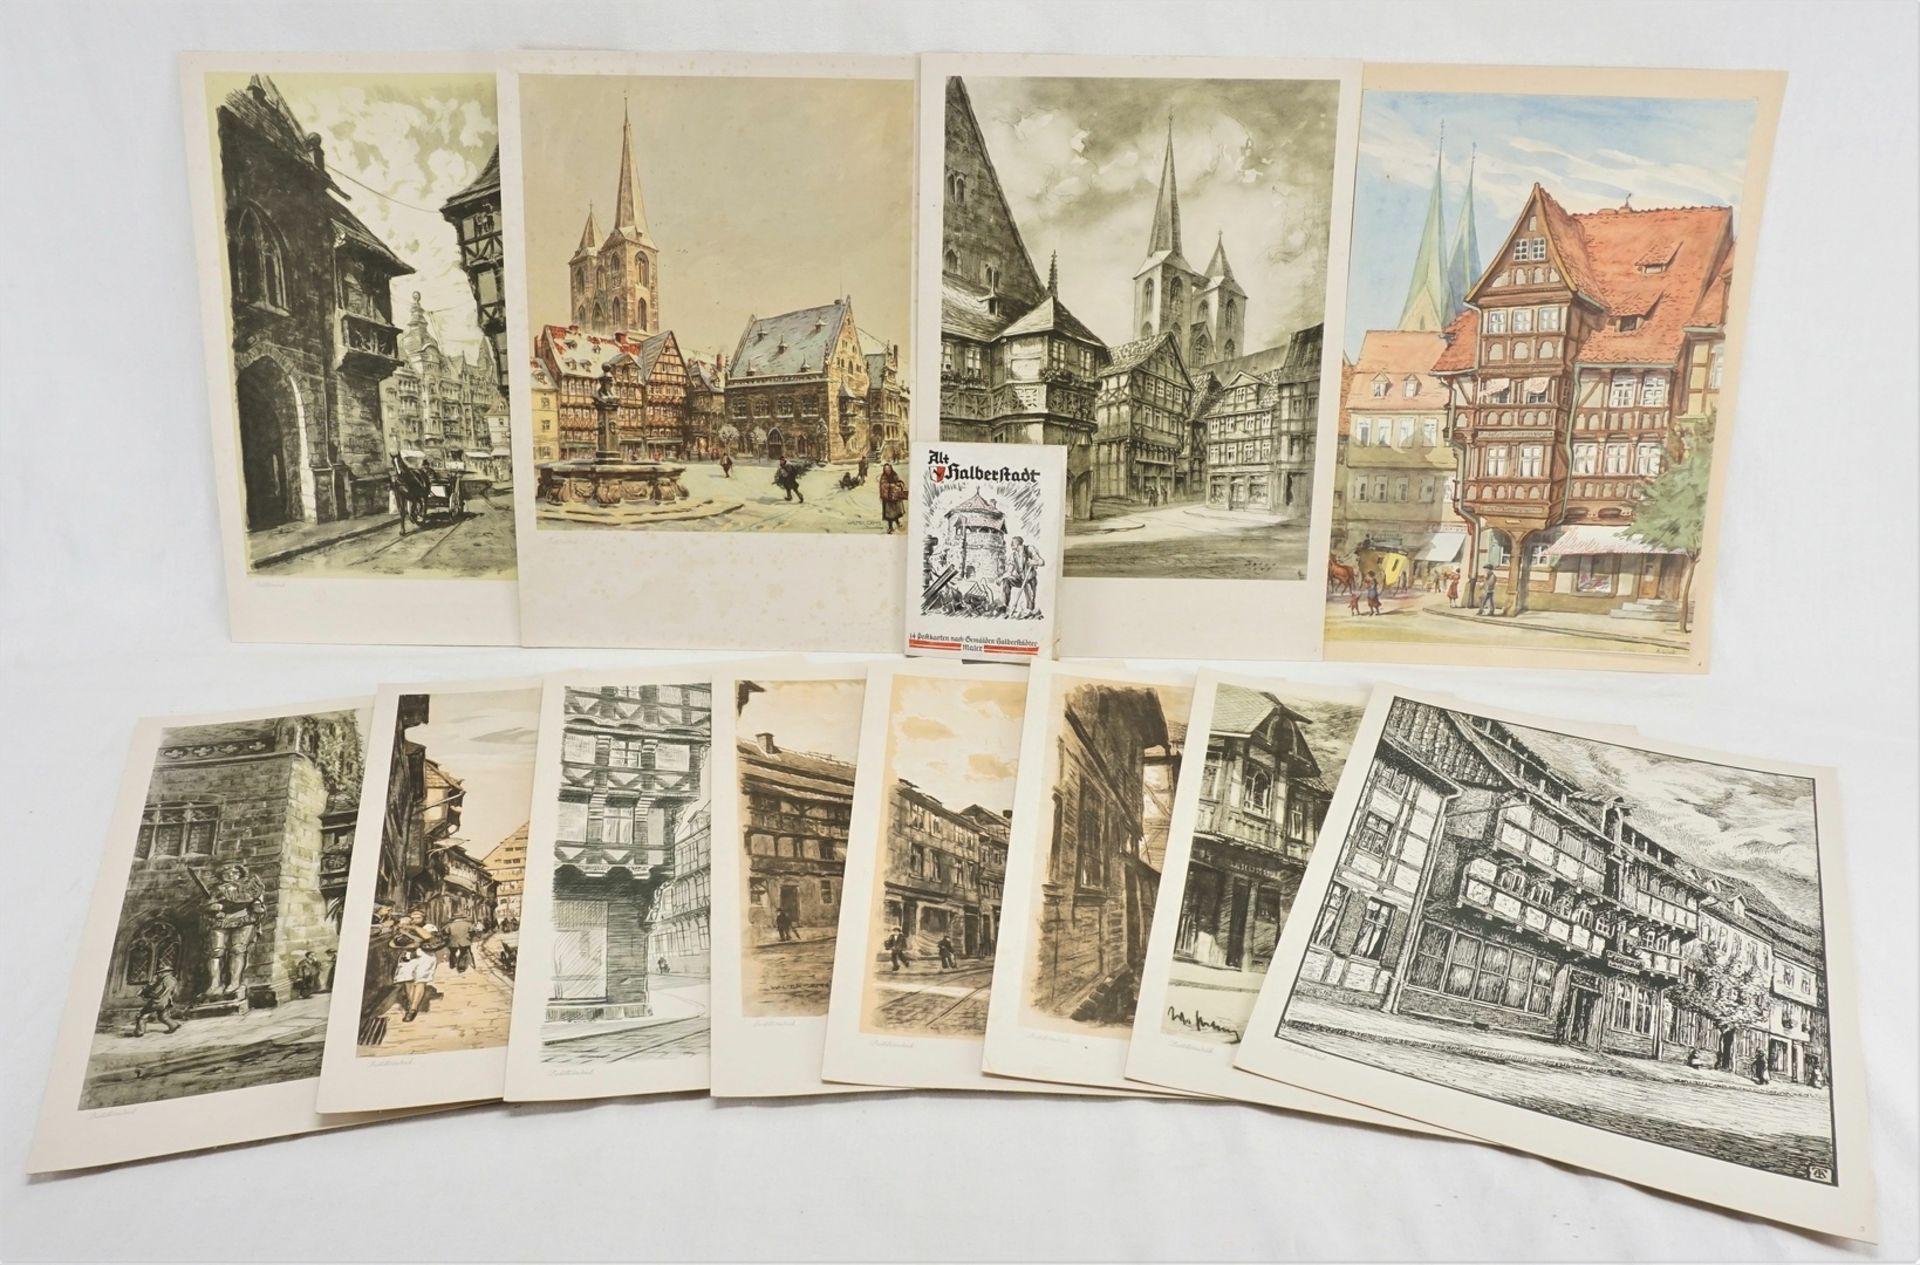 Kunstdruckmappe und Postkarten, Halberstadt am Harz